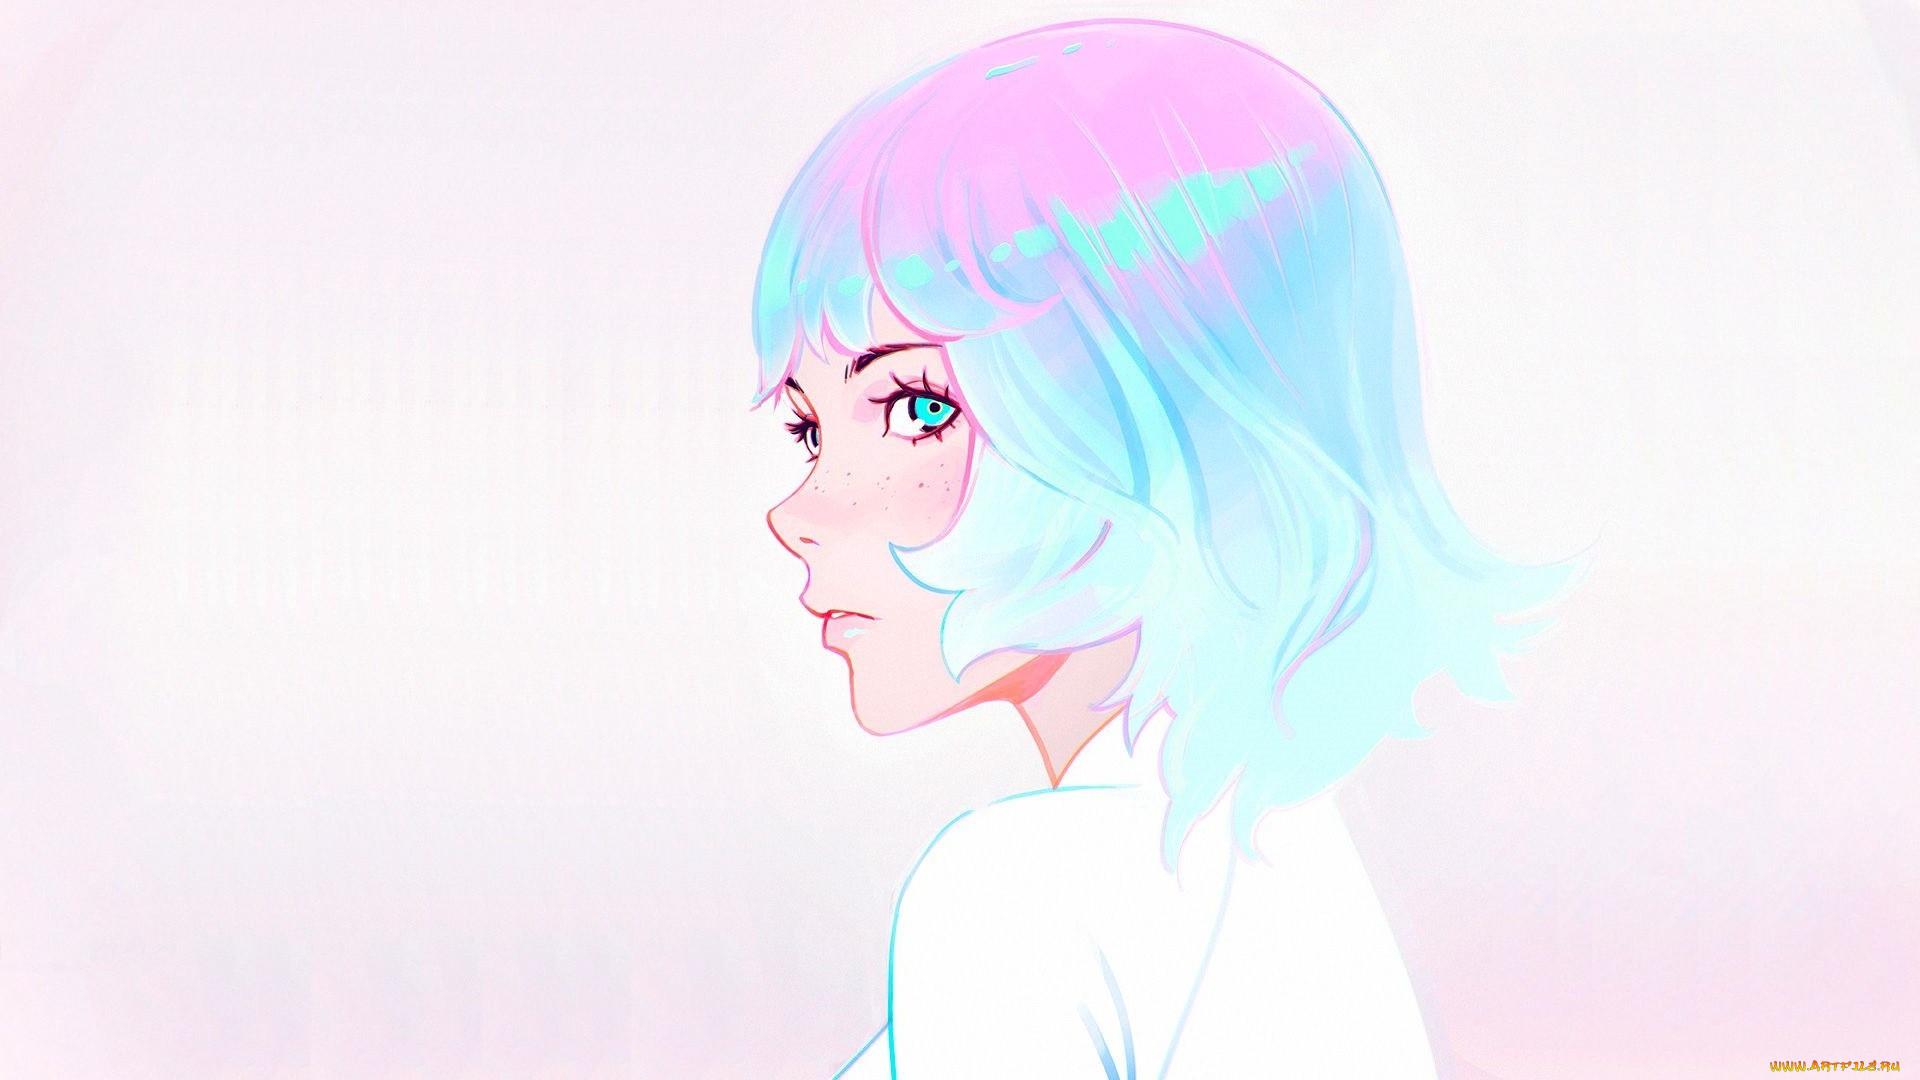 аниме, unknown,  другое , челка, веснушки, голубые, волосы, стрижка, портрет, девушки, профиль, илья, кувшинов